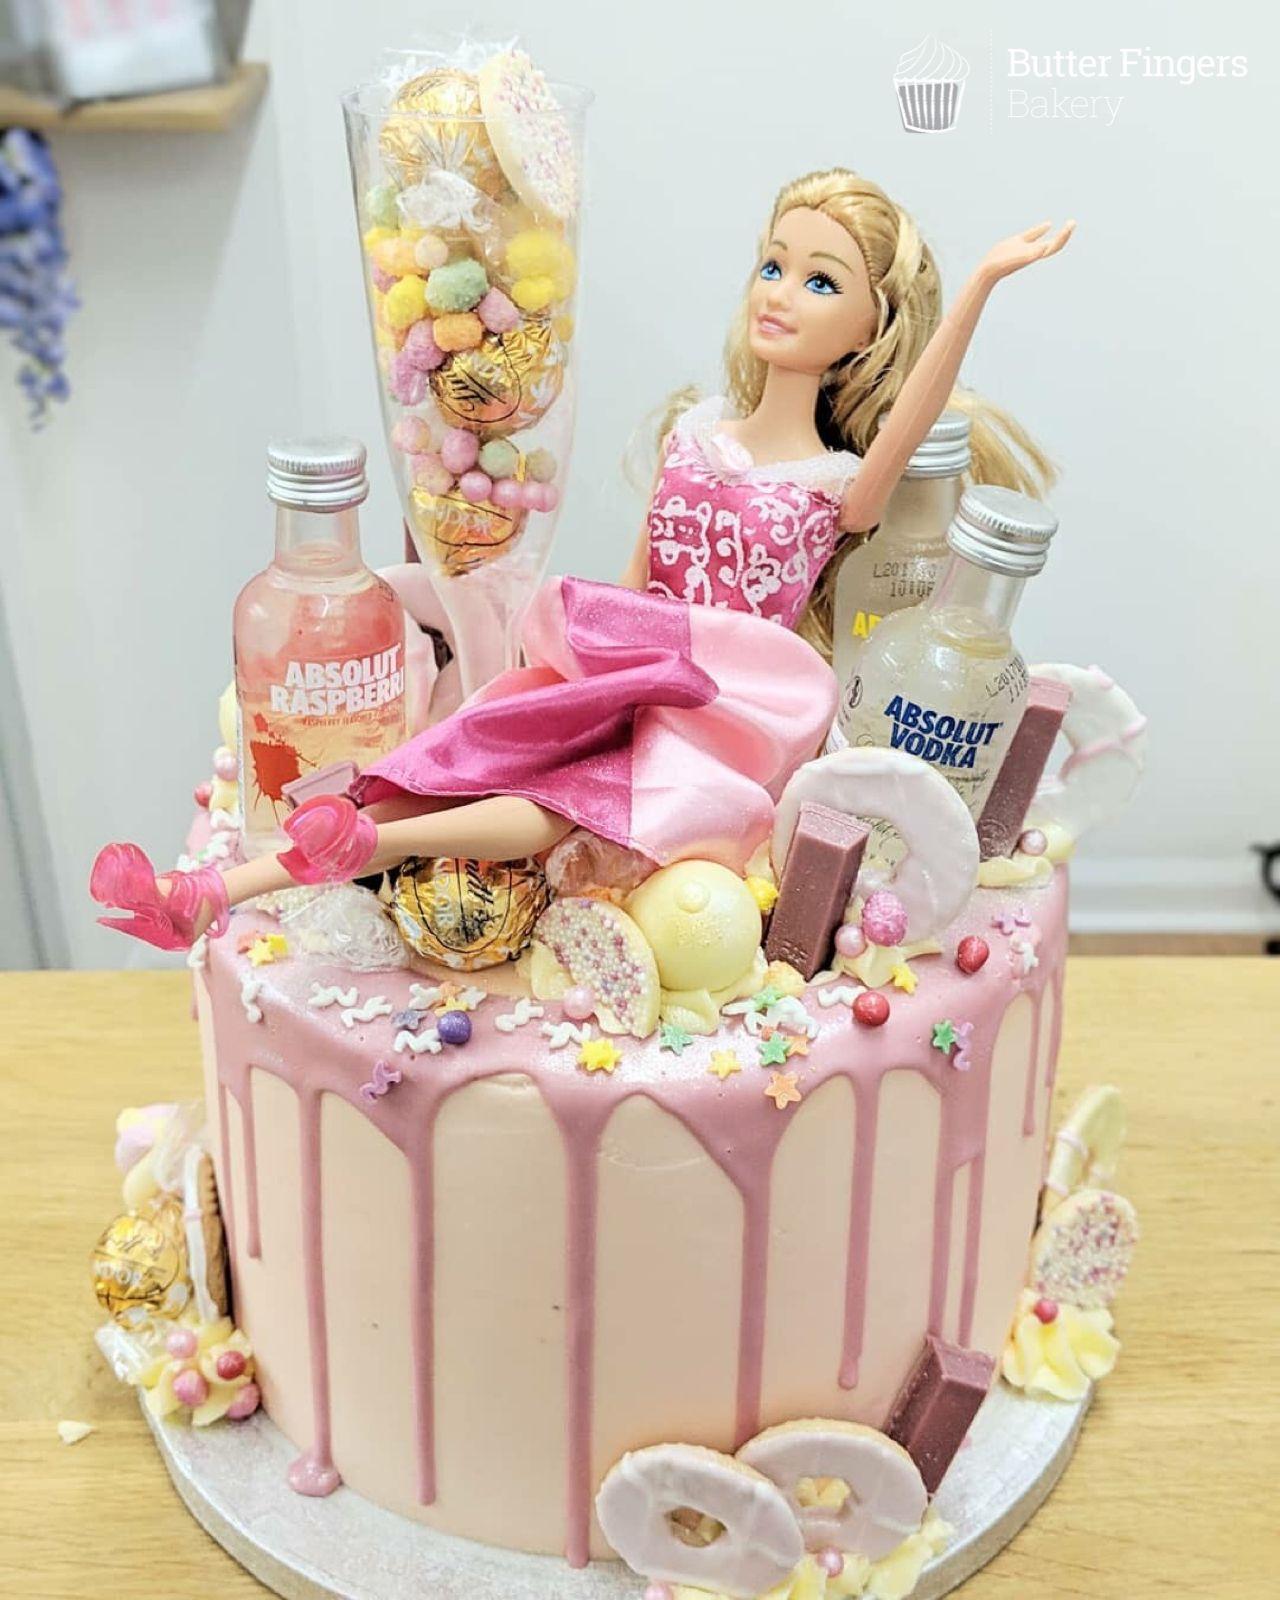 Tasty Homemade Cakes Baked Freshly In Matlock Girly Birthday